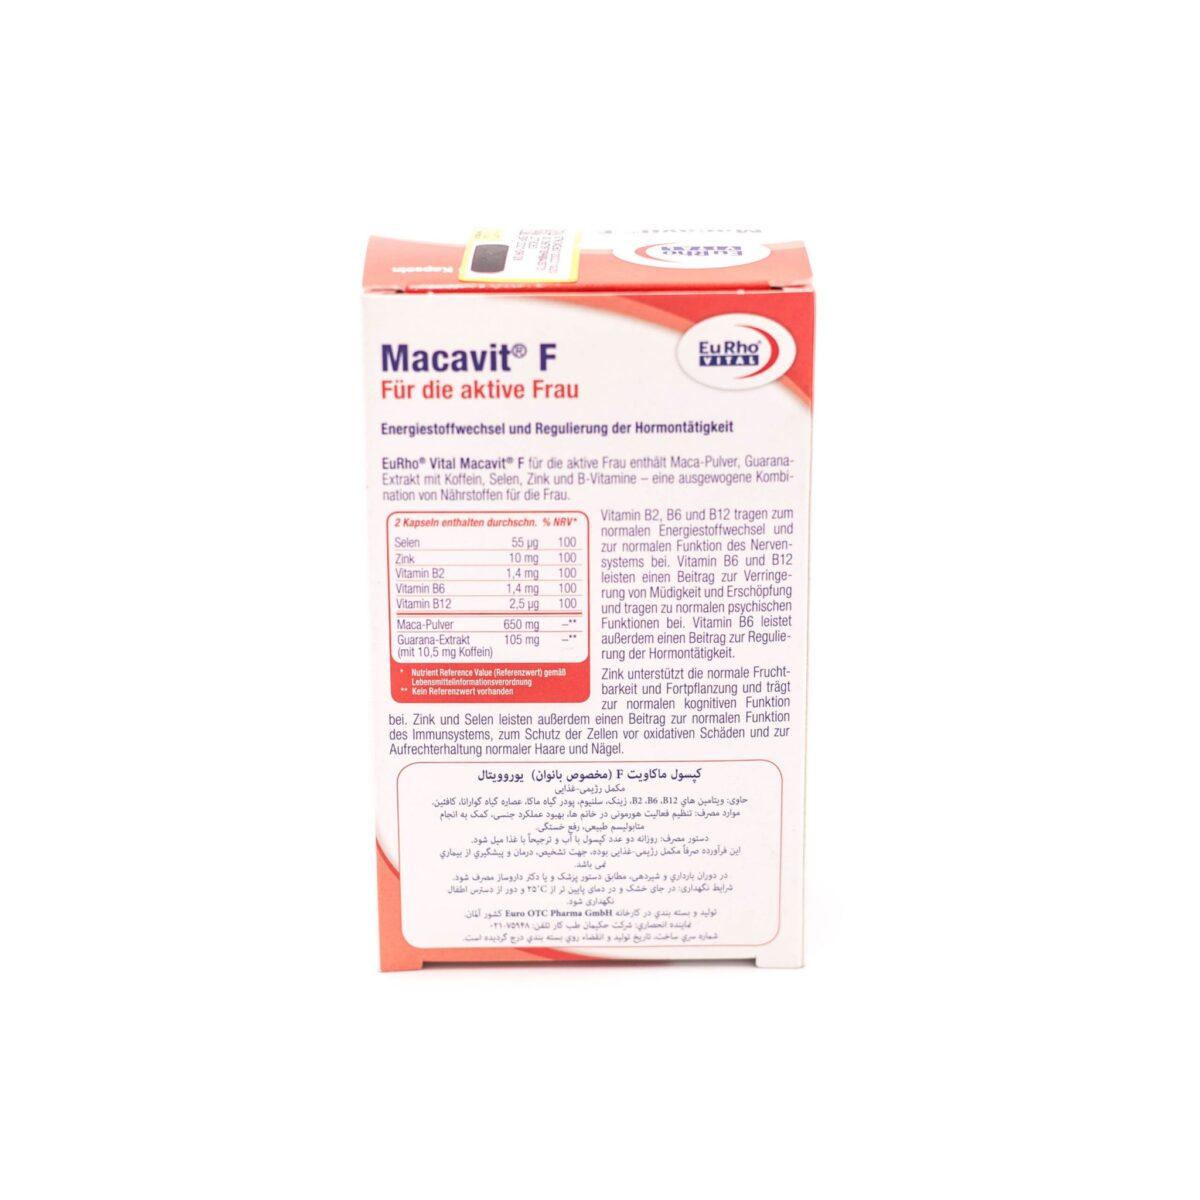 کپسول ماکاویت اف یوروویتال EuRhoVital Macavit F